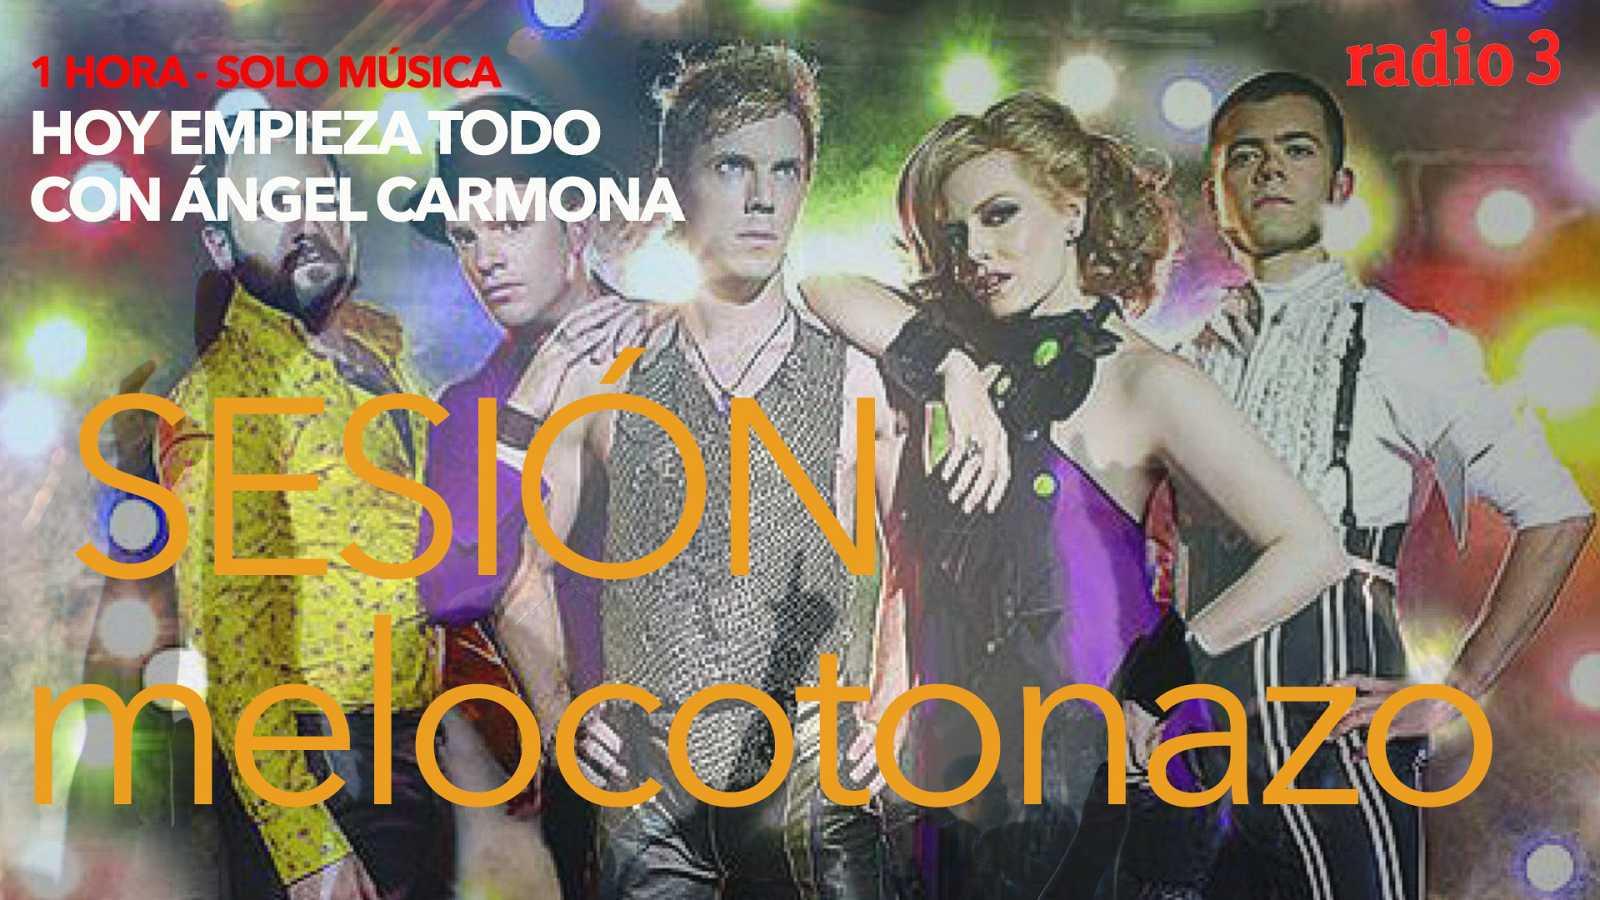 Hoy empieza todo con Ángel Carmona - #SesiónMelocotonazo: Arctic Monkeys, Scissor Sisters, Bee Gees... - 07/05/21 - escuchar ahora